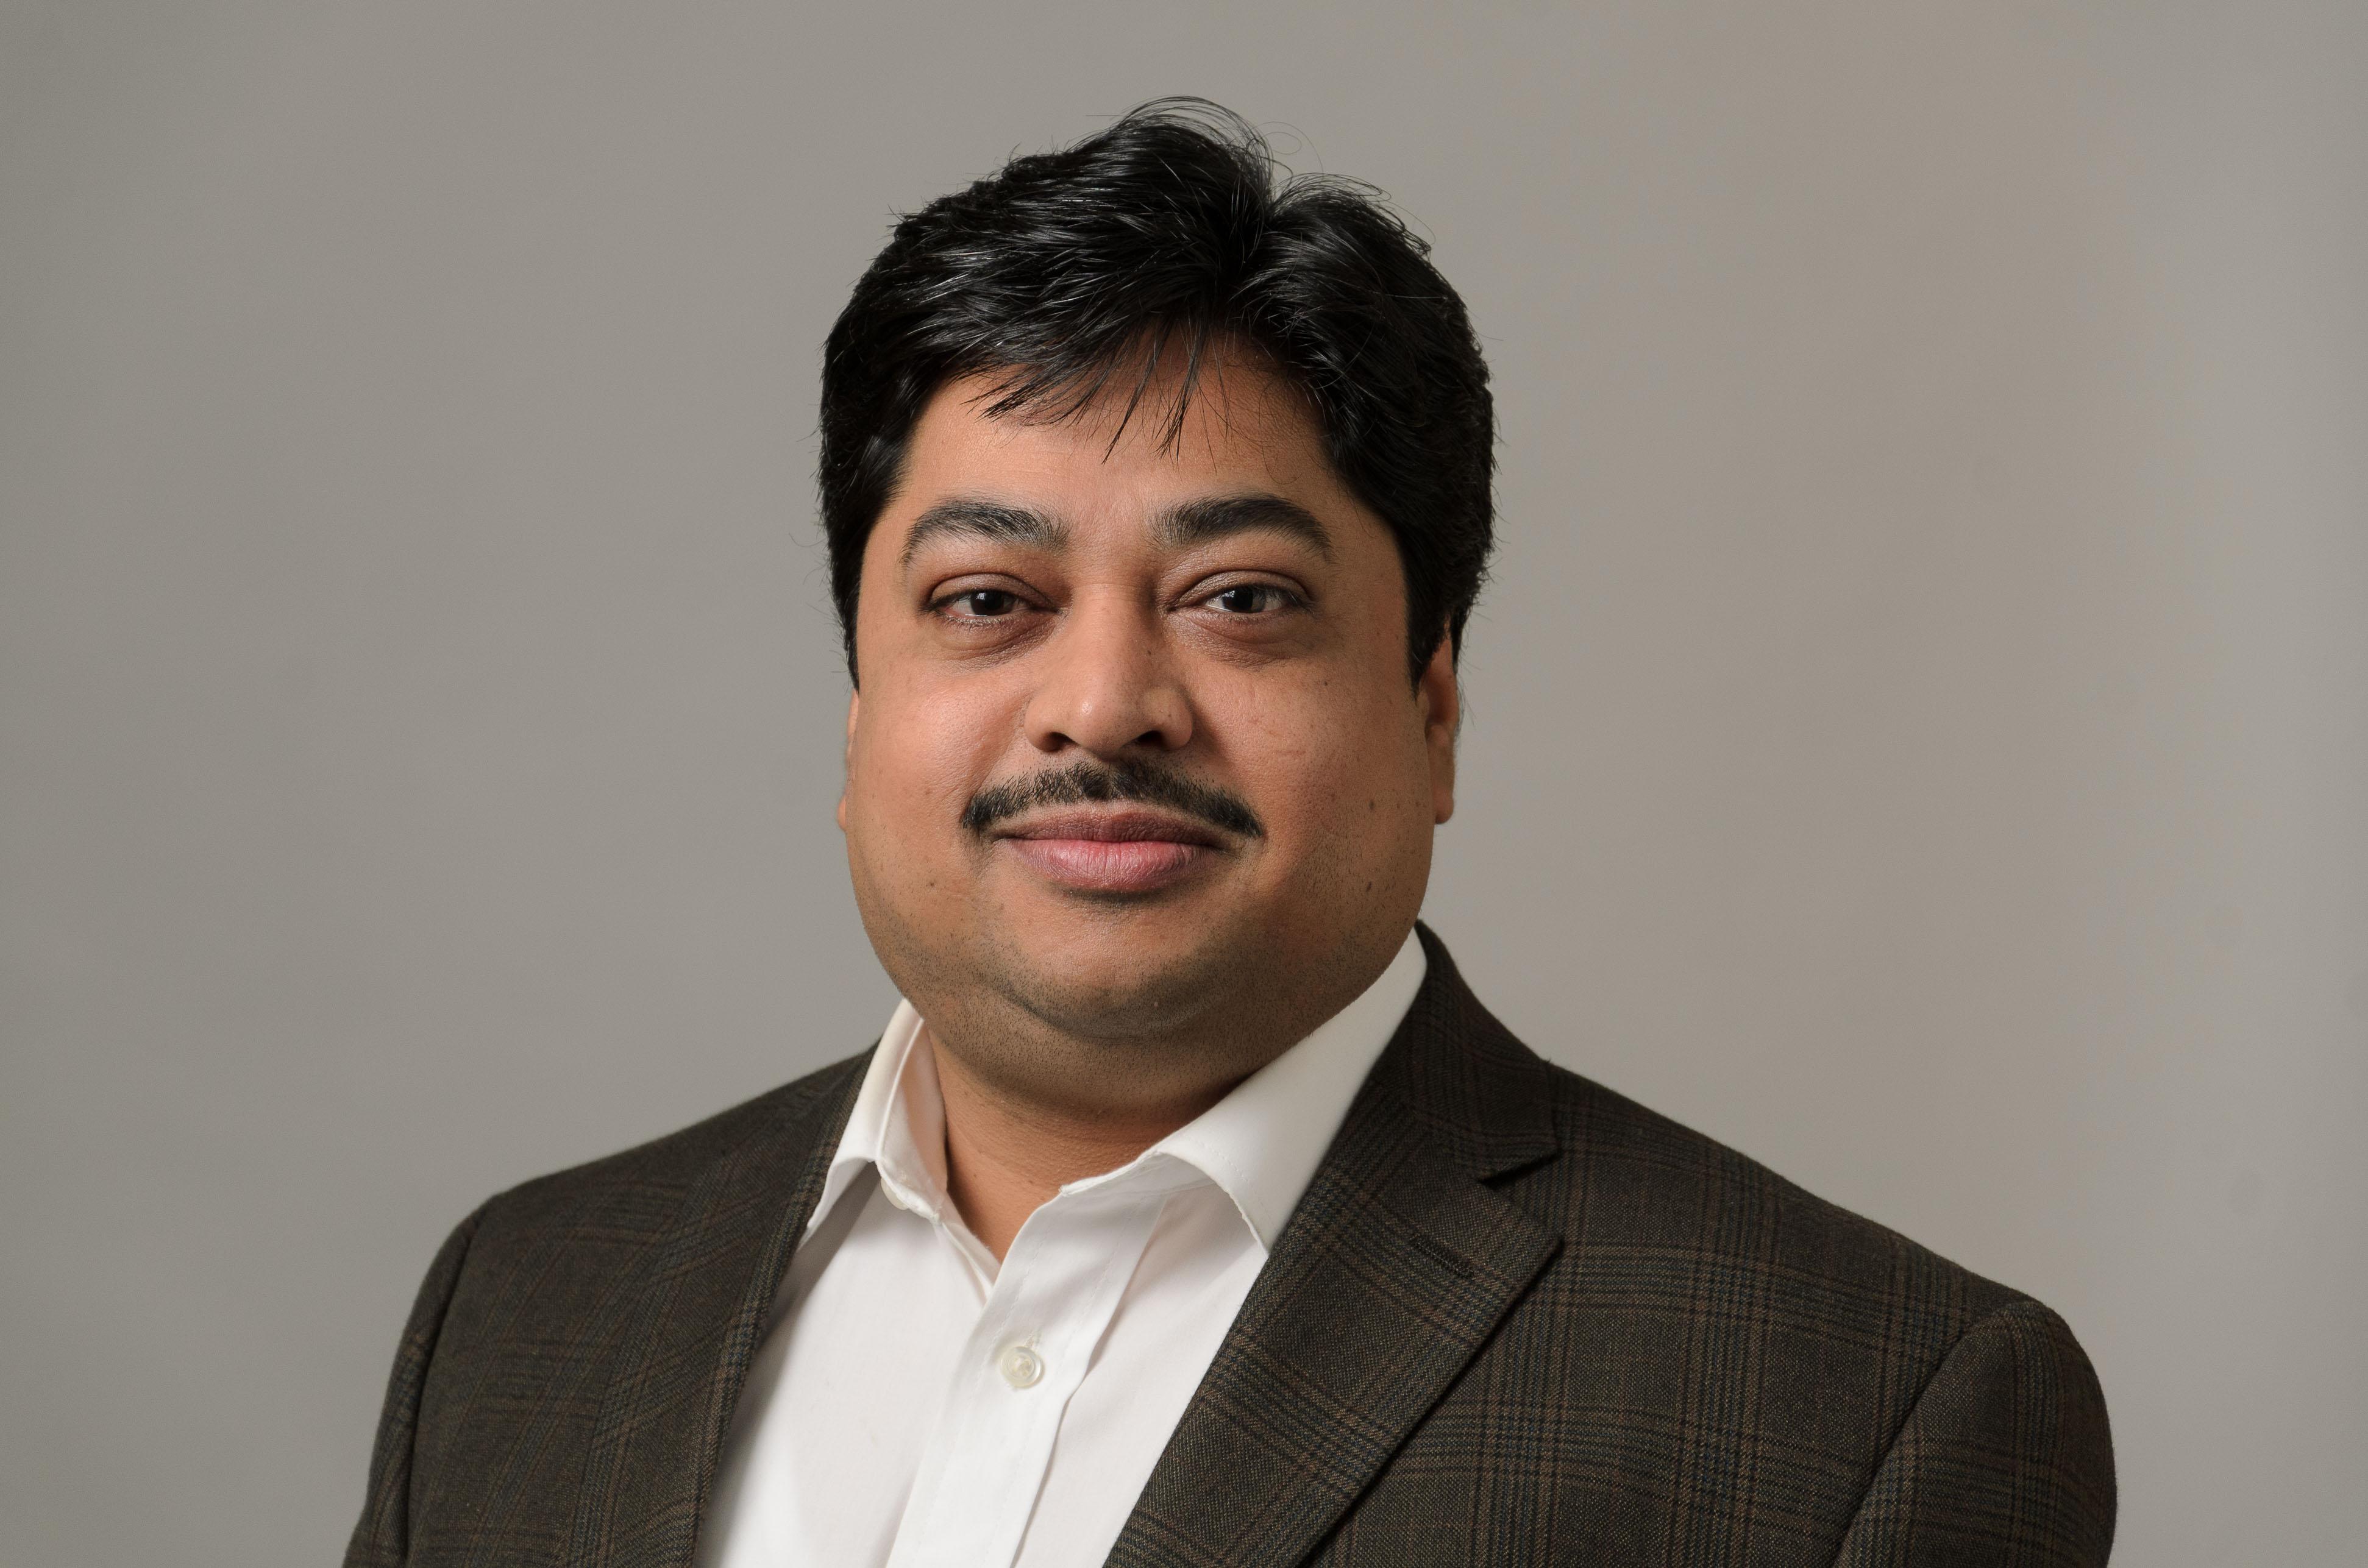 Sanjeev Nayak